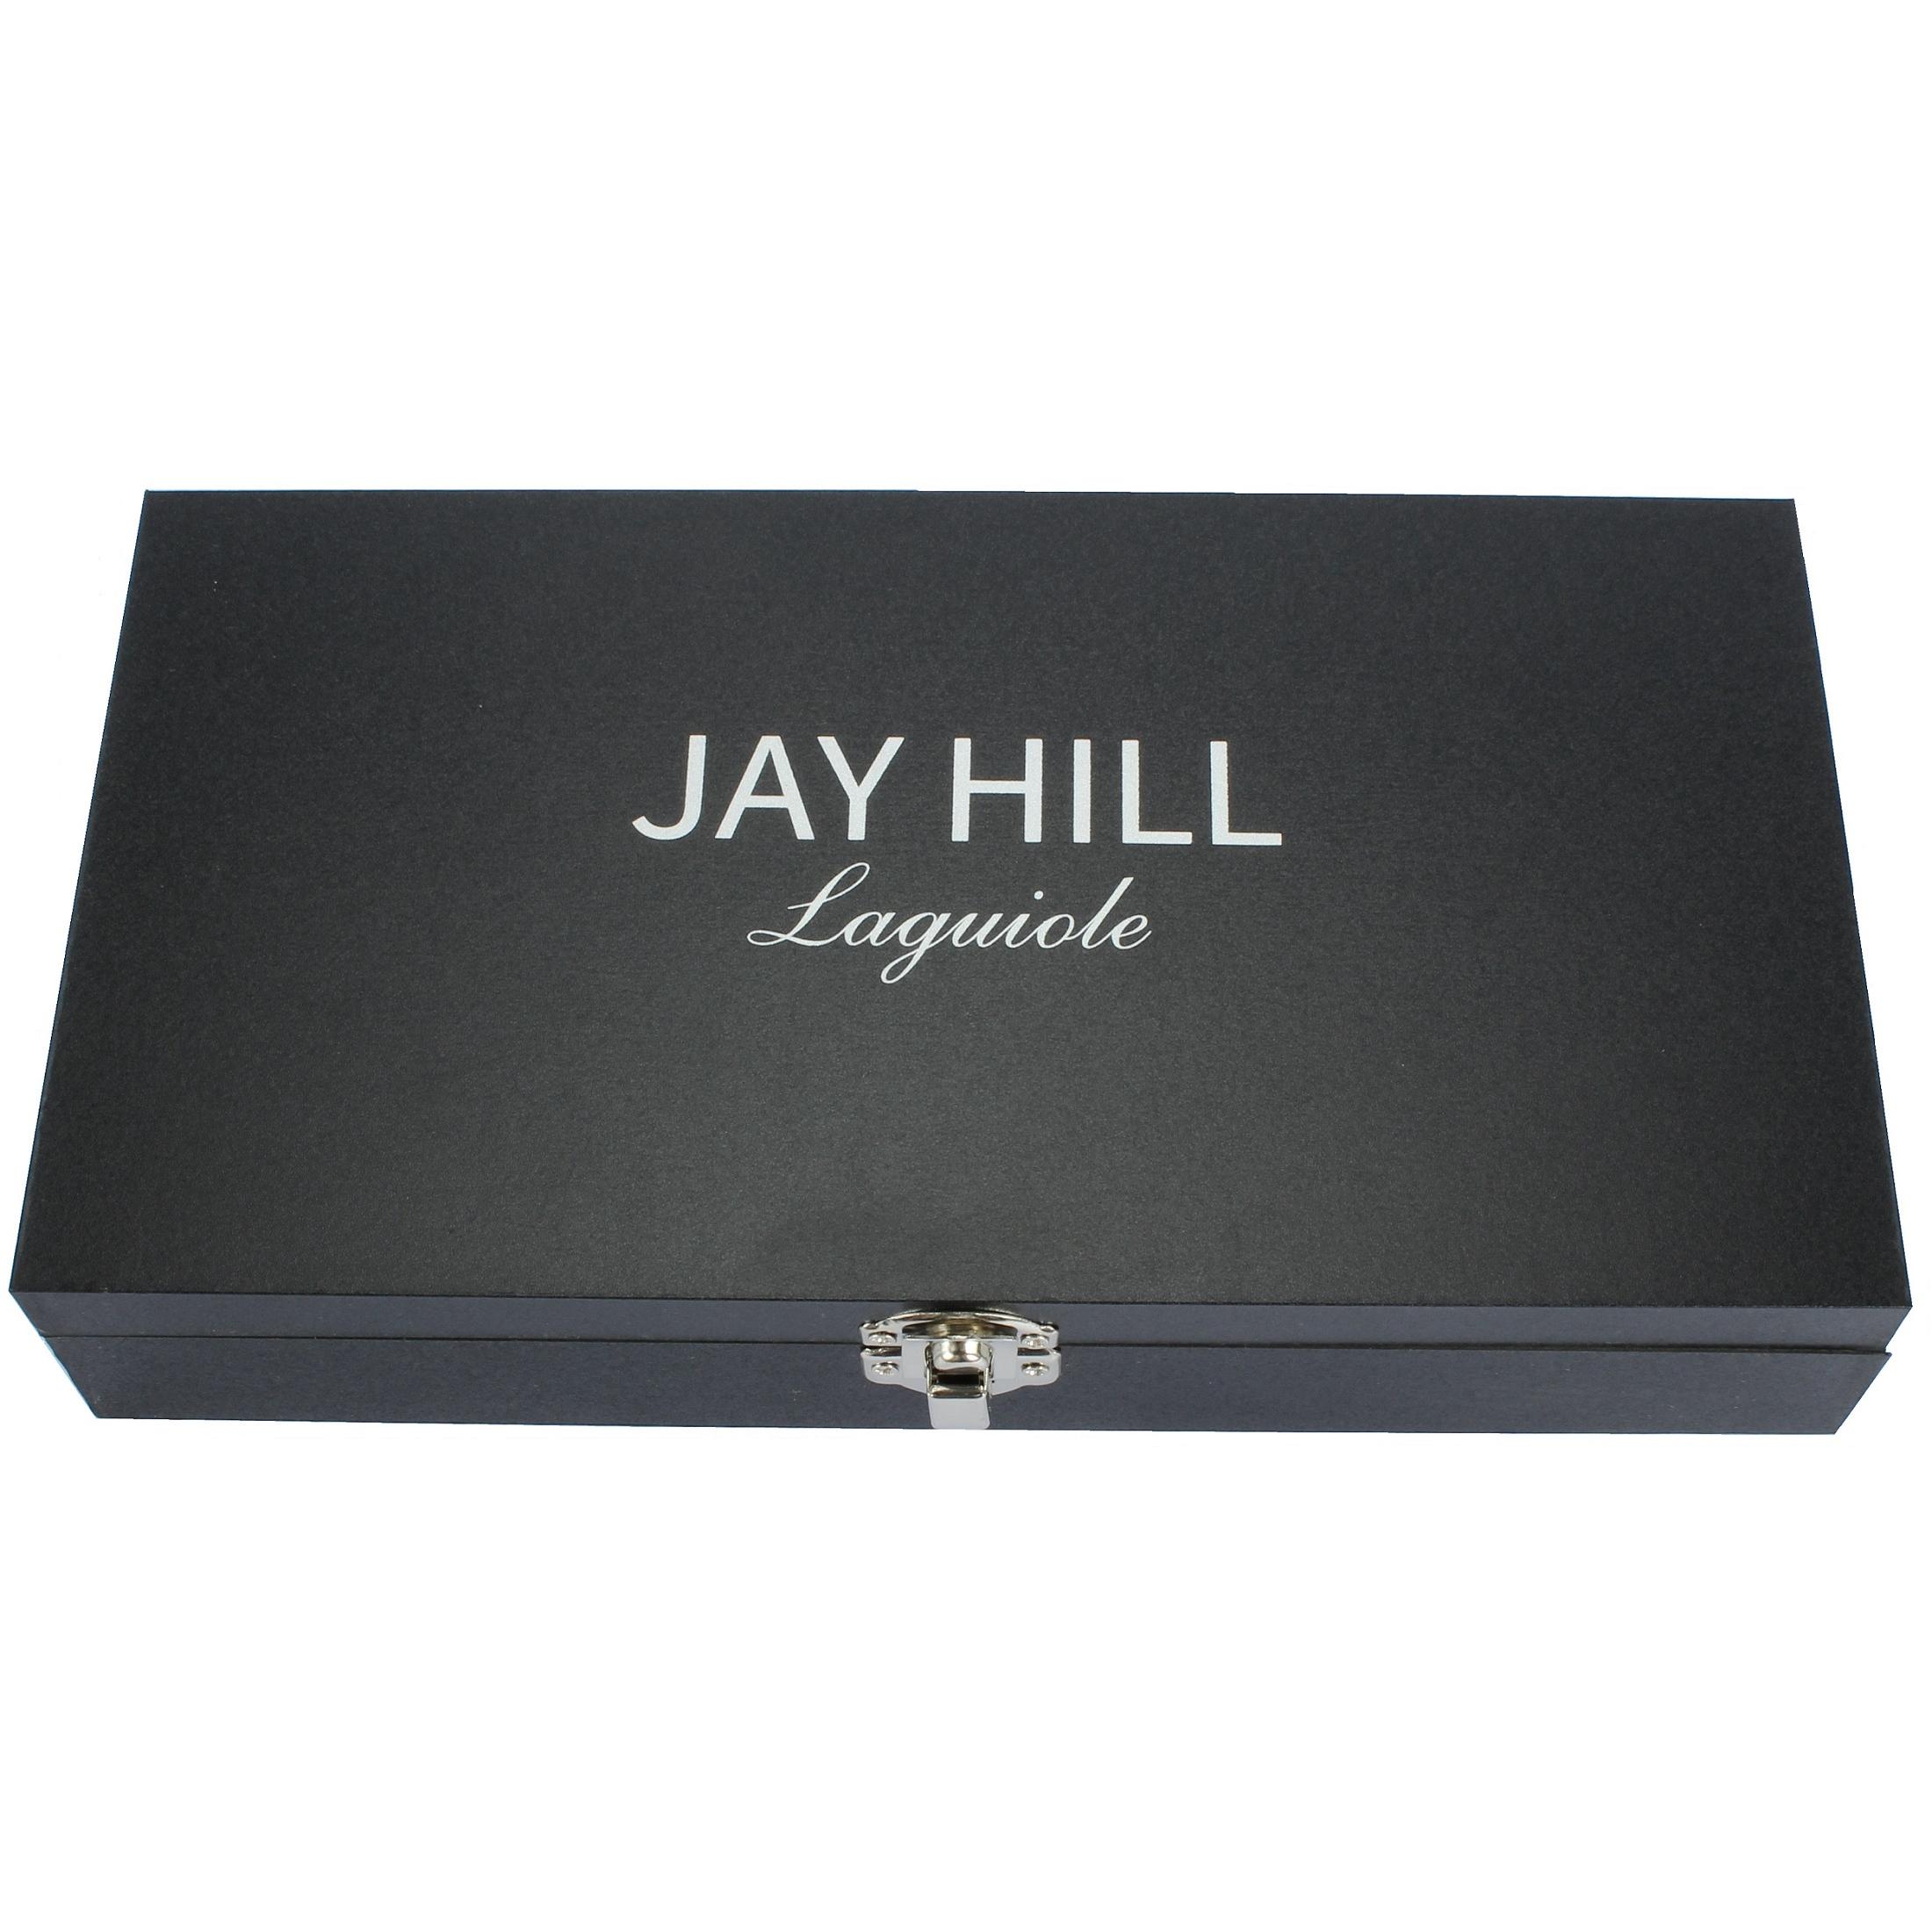 Steakmessen Laguiole - Jay Hill